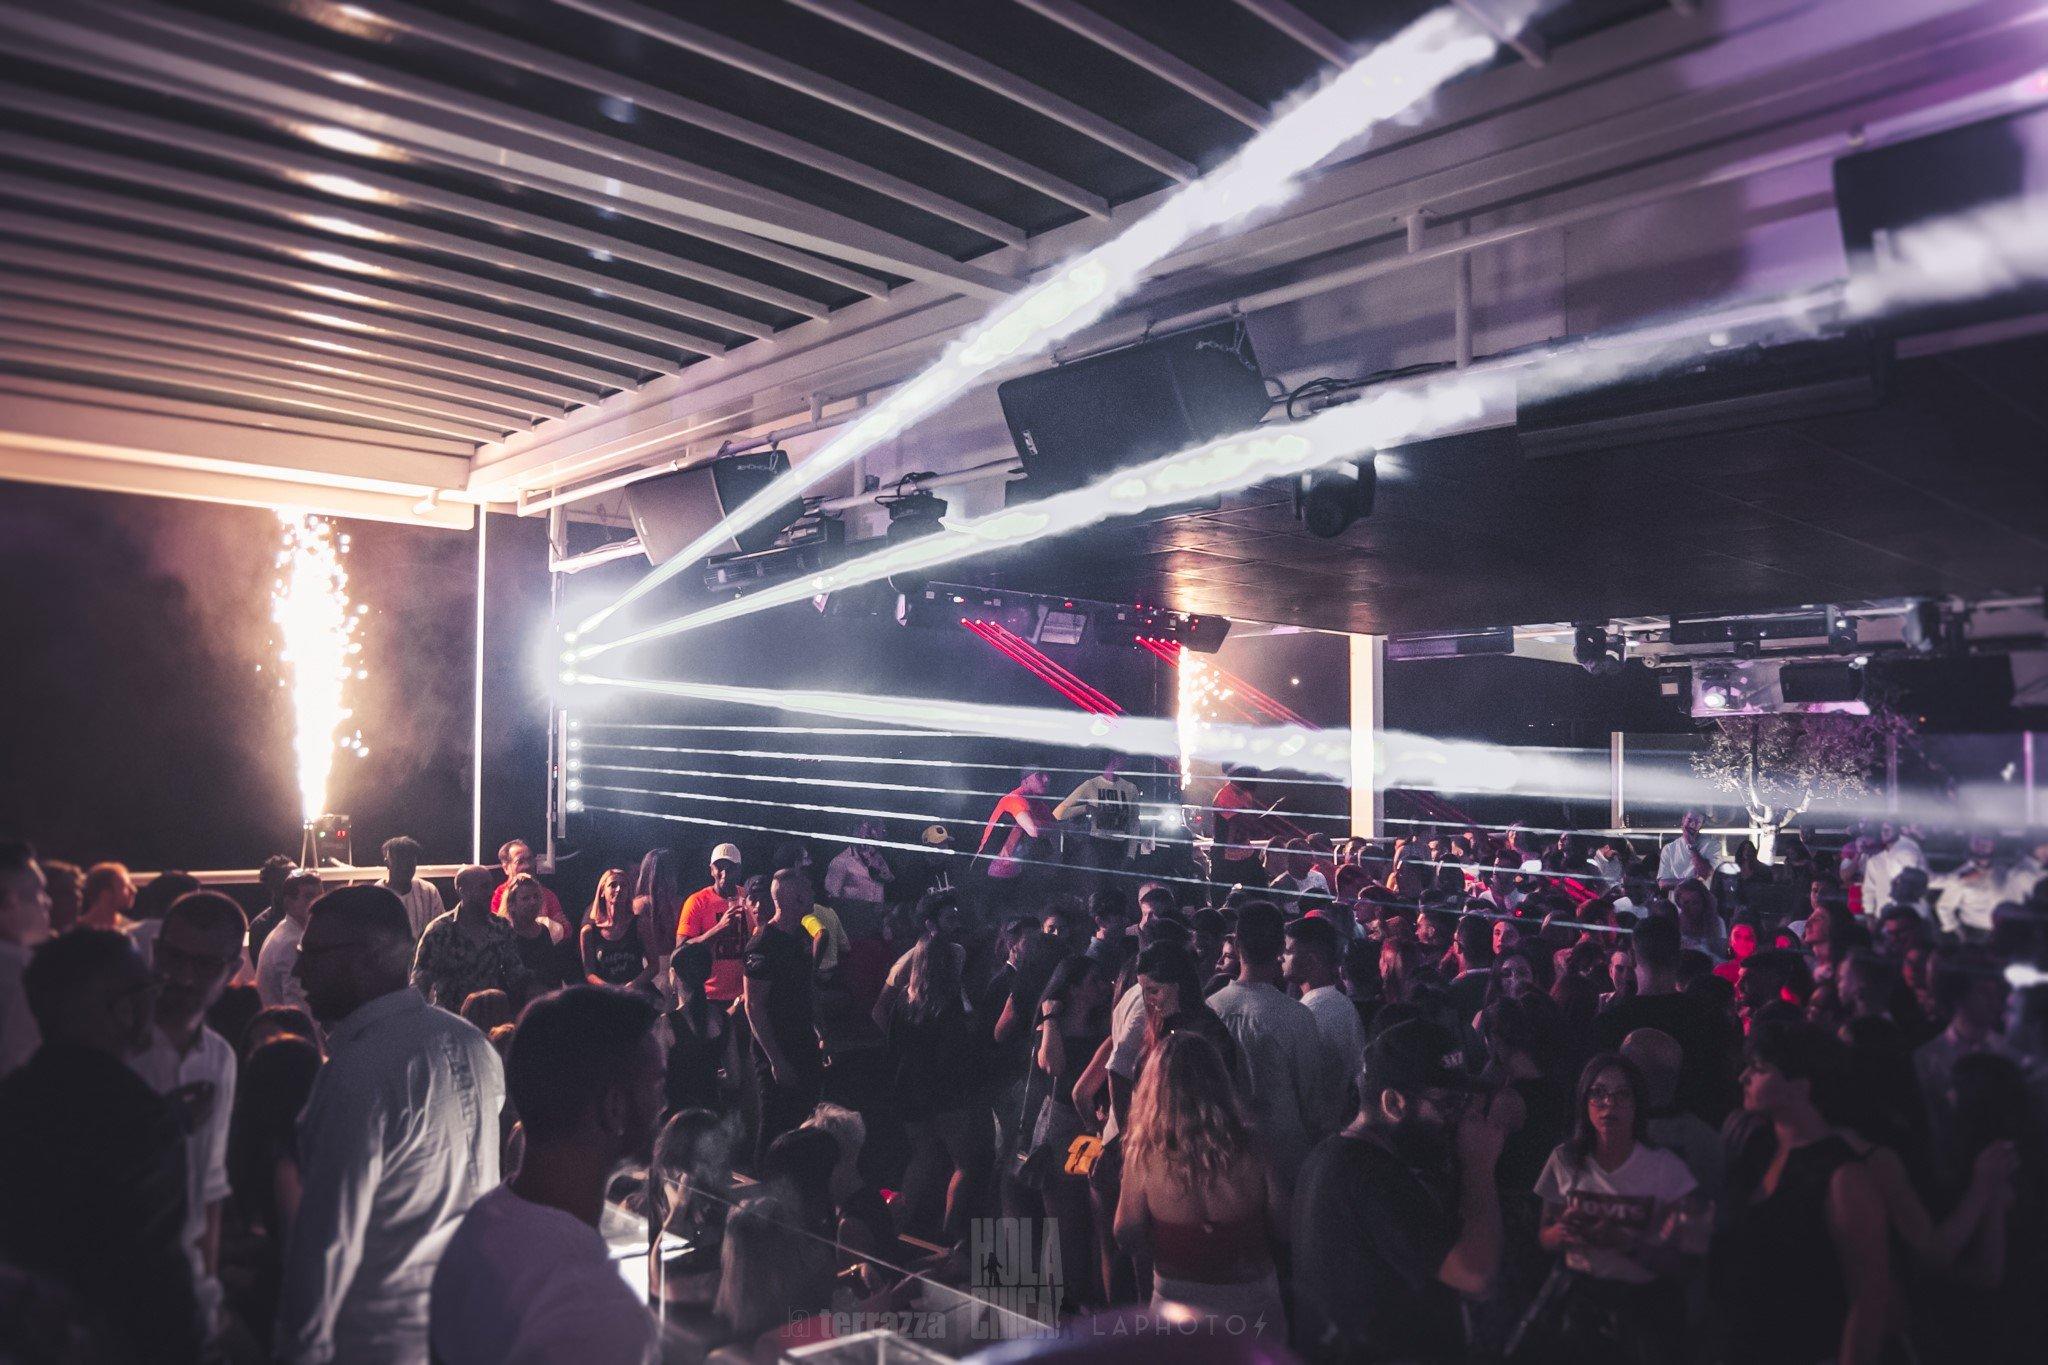 La Terrazza discoteca, la notte reggaeton di San Benedetto Del Tronto